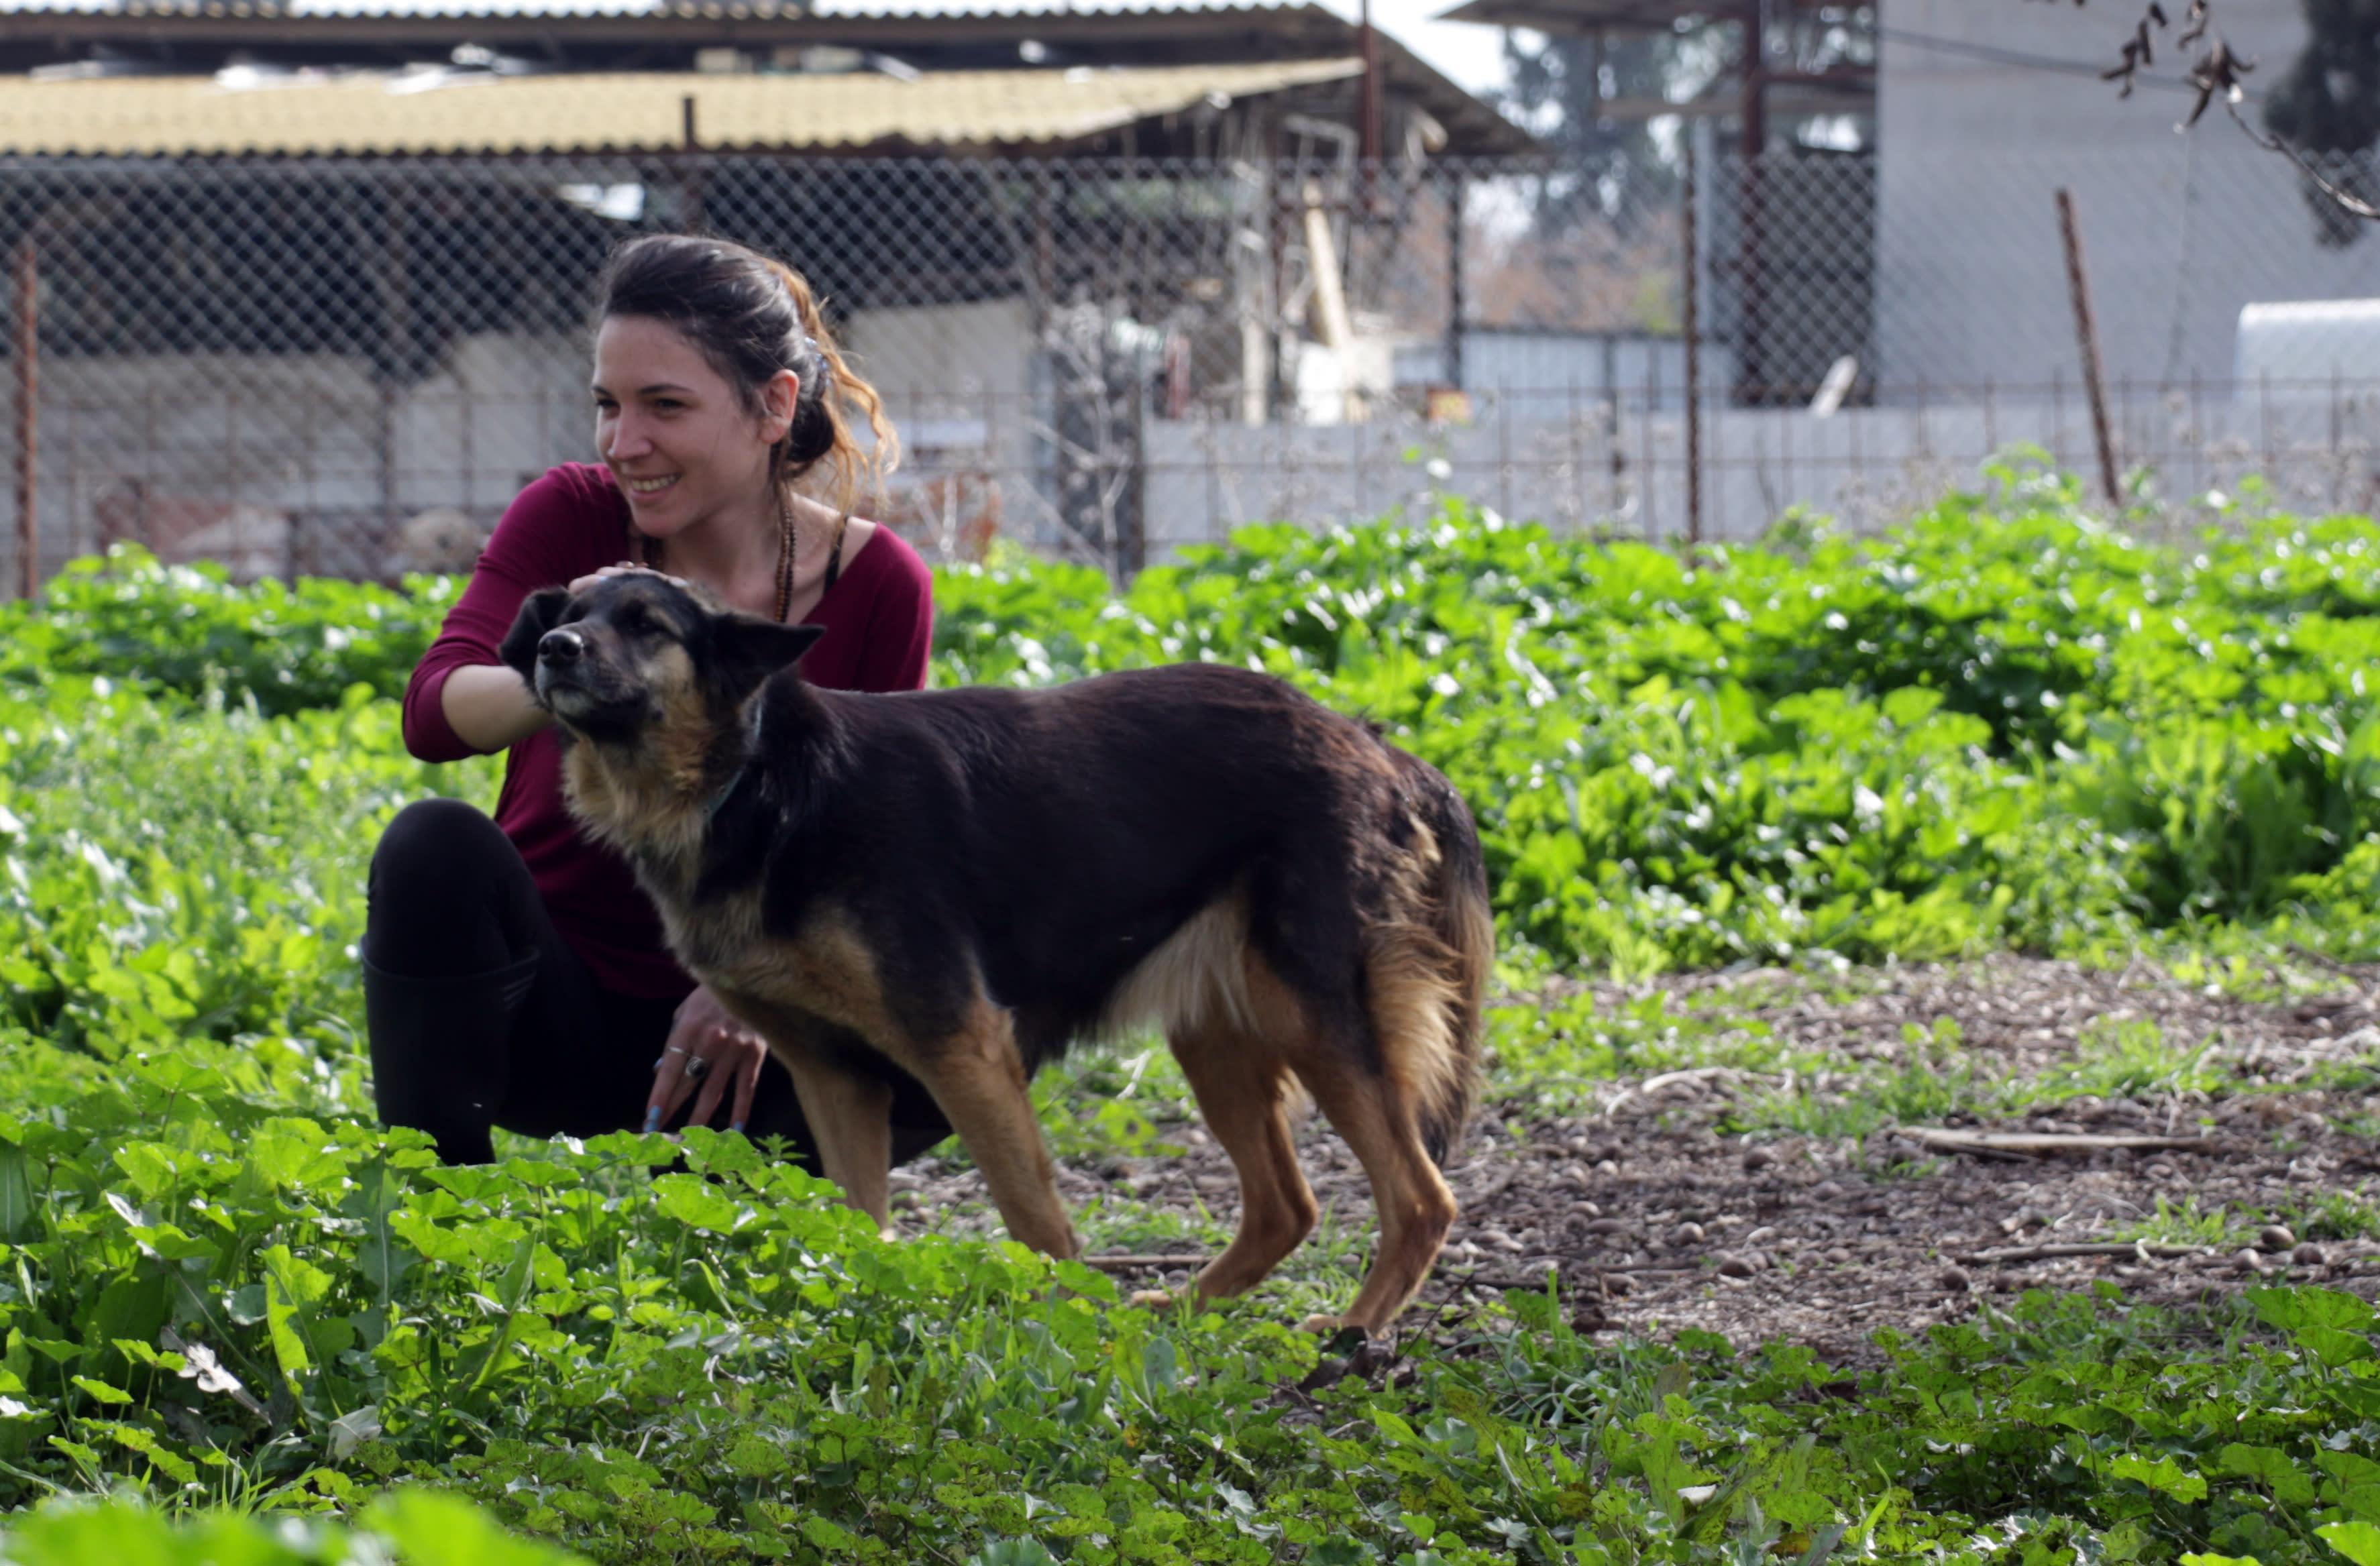 Volunteer Hagar Meirson treats Lily a dog with a